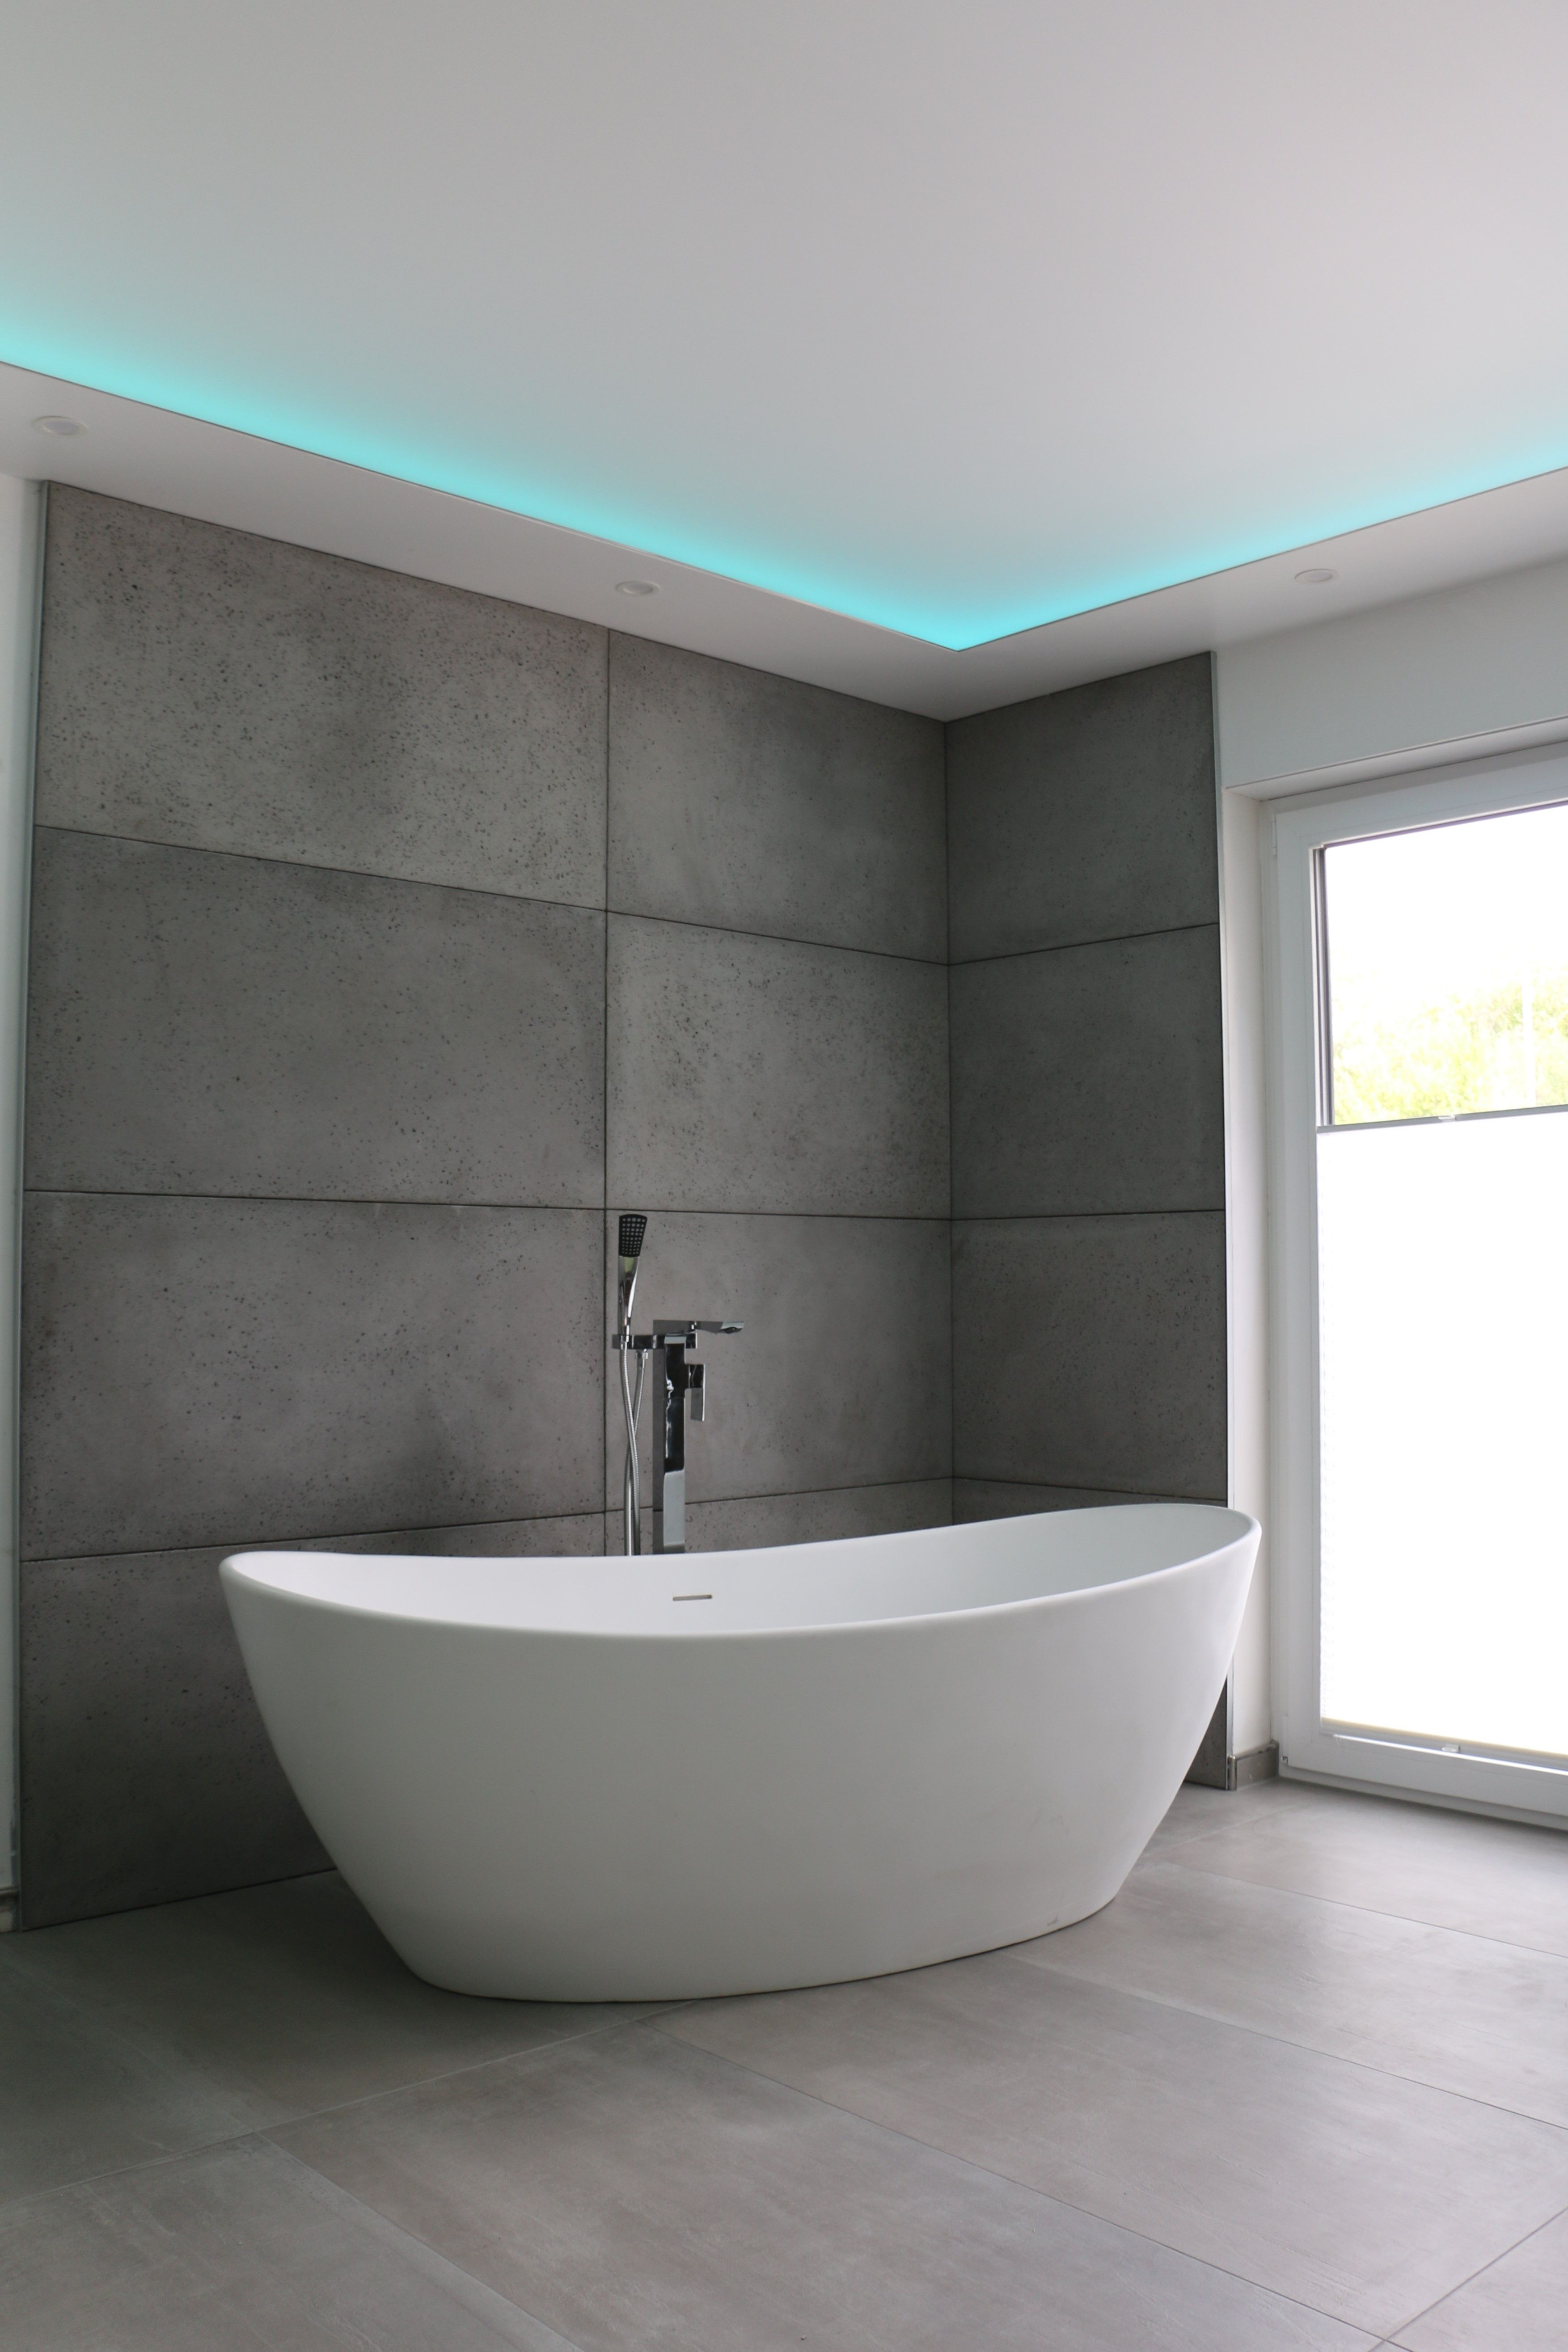 Moderne Badgestaltung Betonplatten Freistehende Badewanne